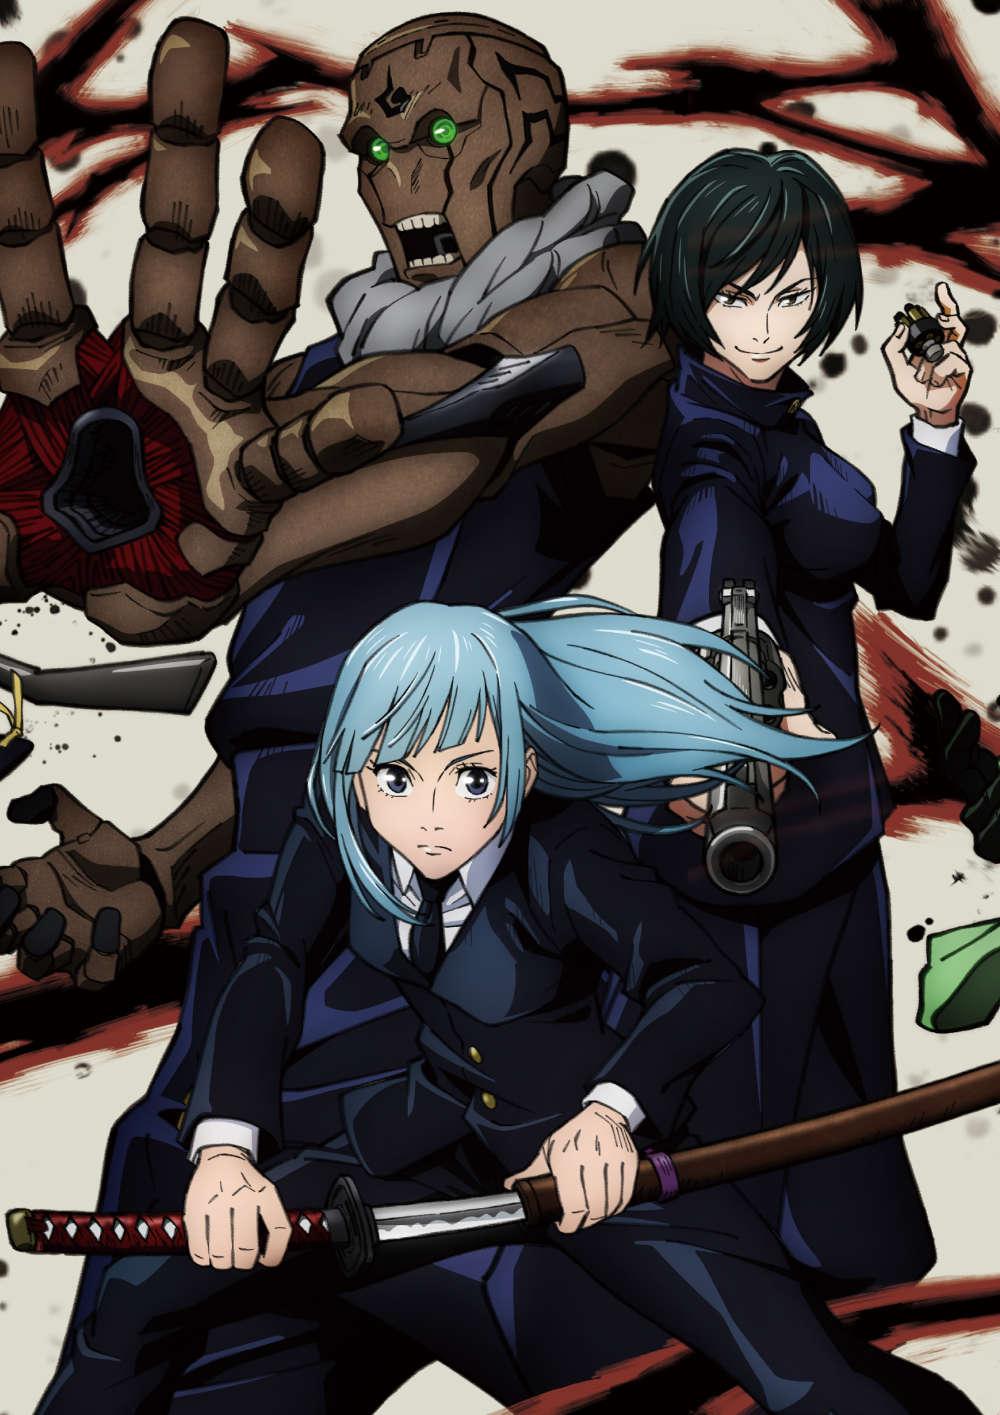 呪術廻戦 Vol.7 初回生産限定版 DVD